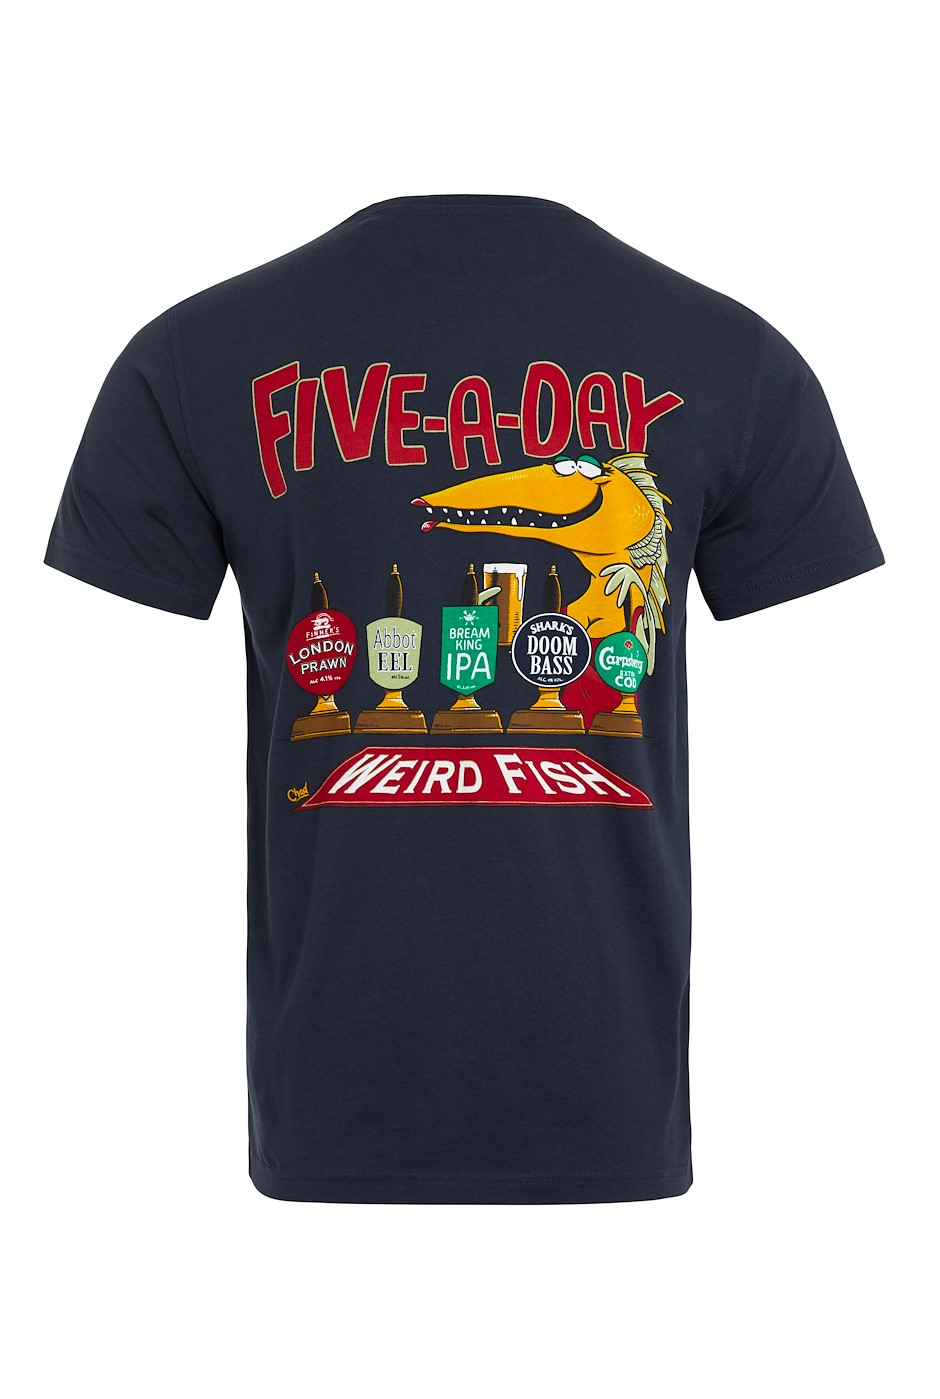 Five A Day Tall Organic Artist T-Shirt Navy